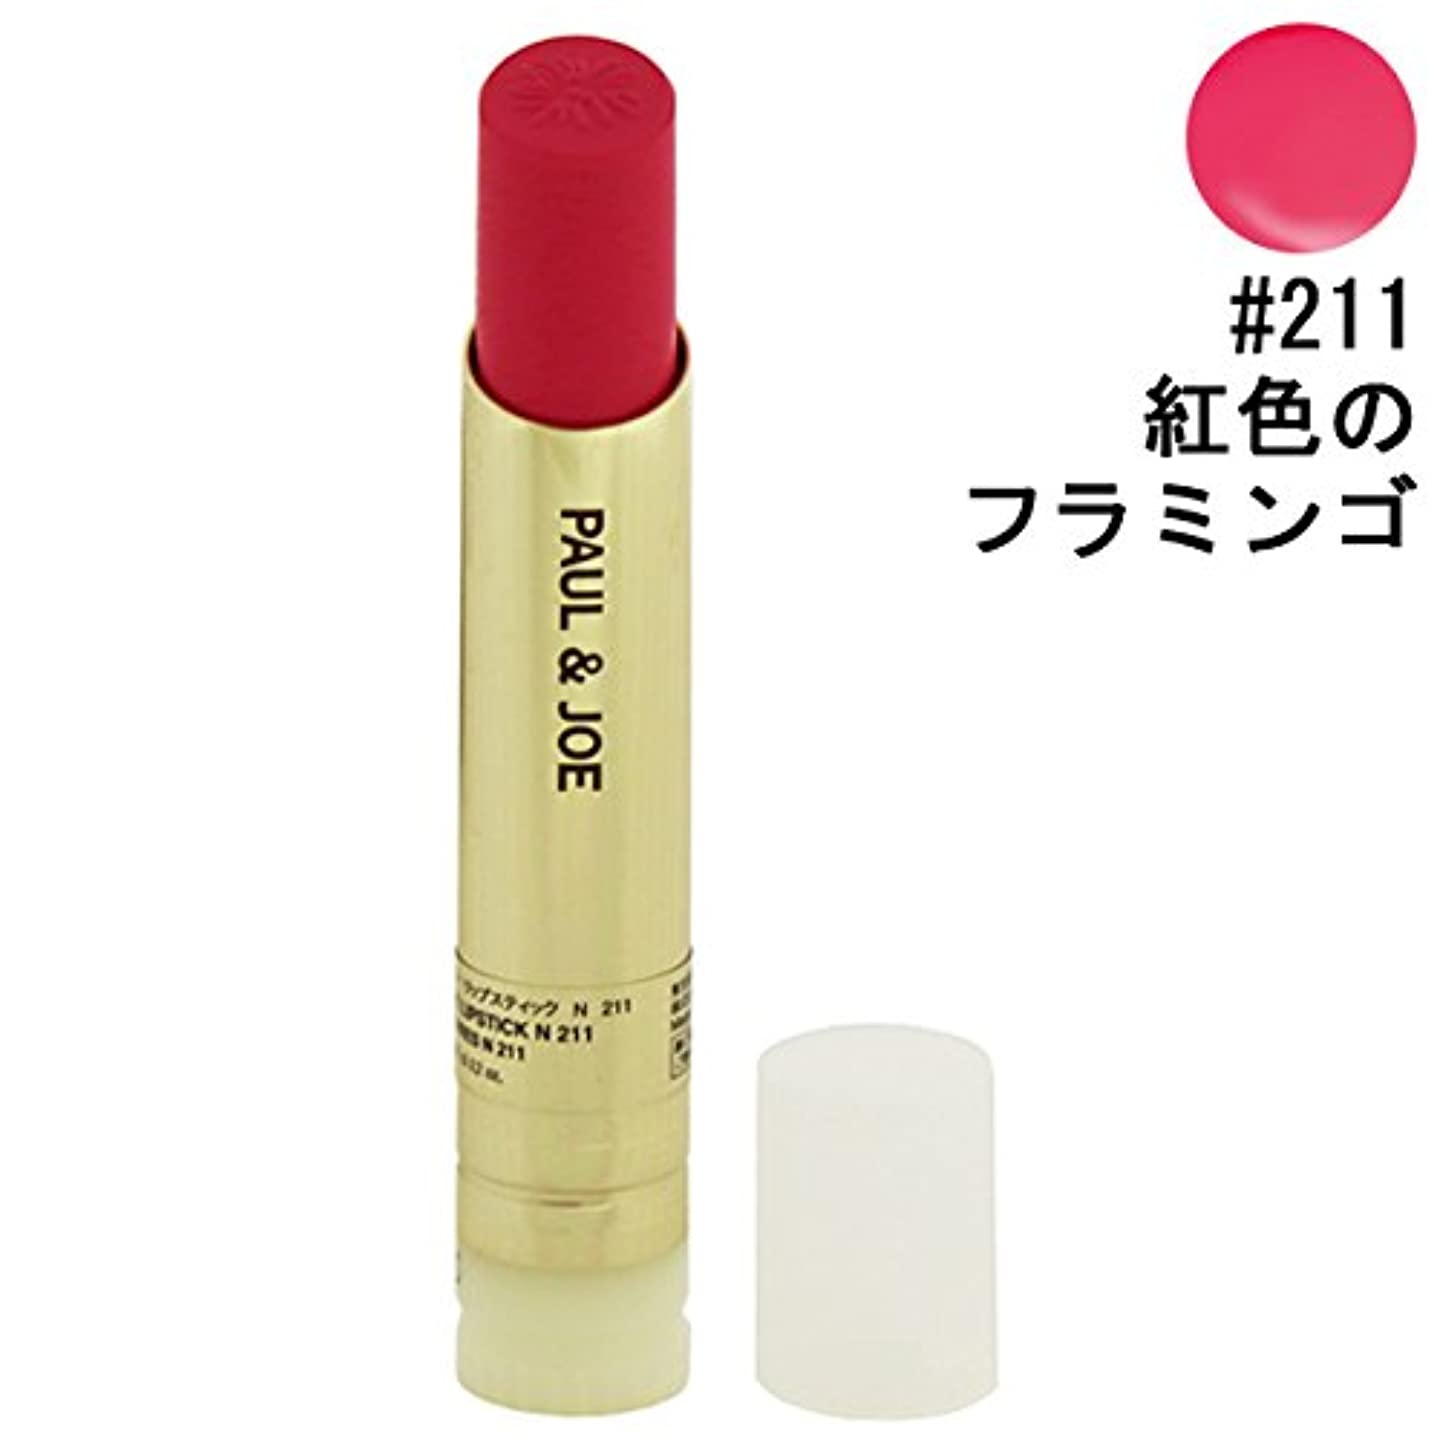 超える凍った音【ポール&ジョー】リップスティックN #211 紅色のフラミンゴ (レフィル) 3.5g